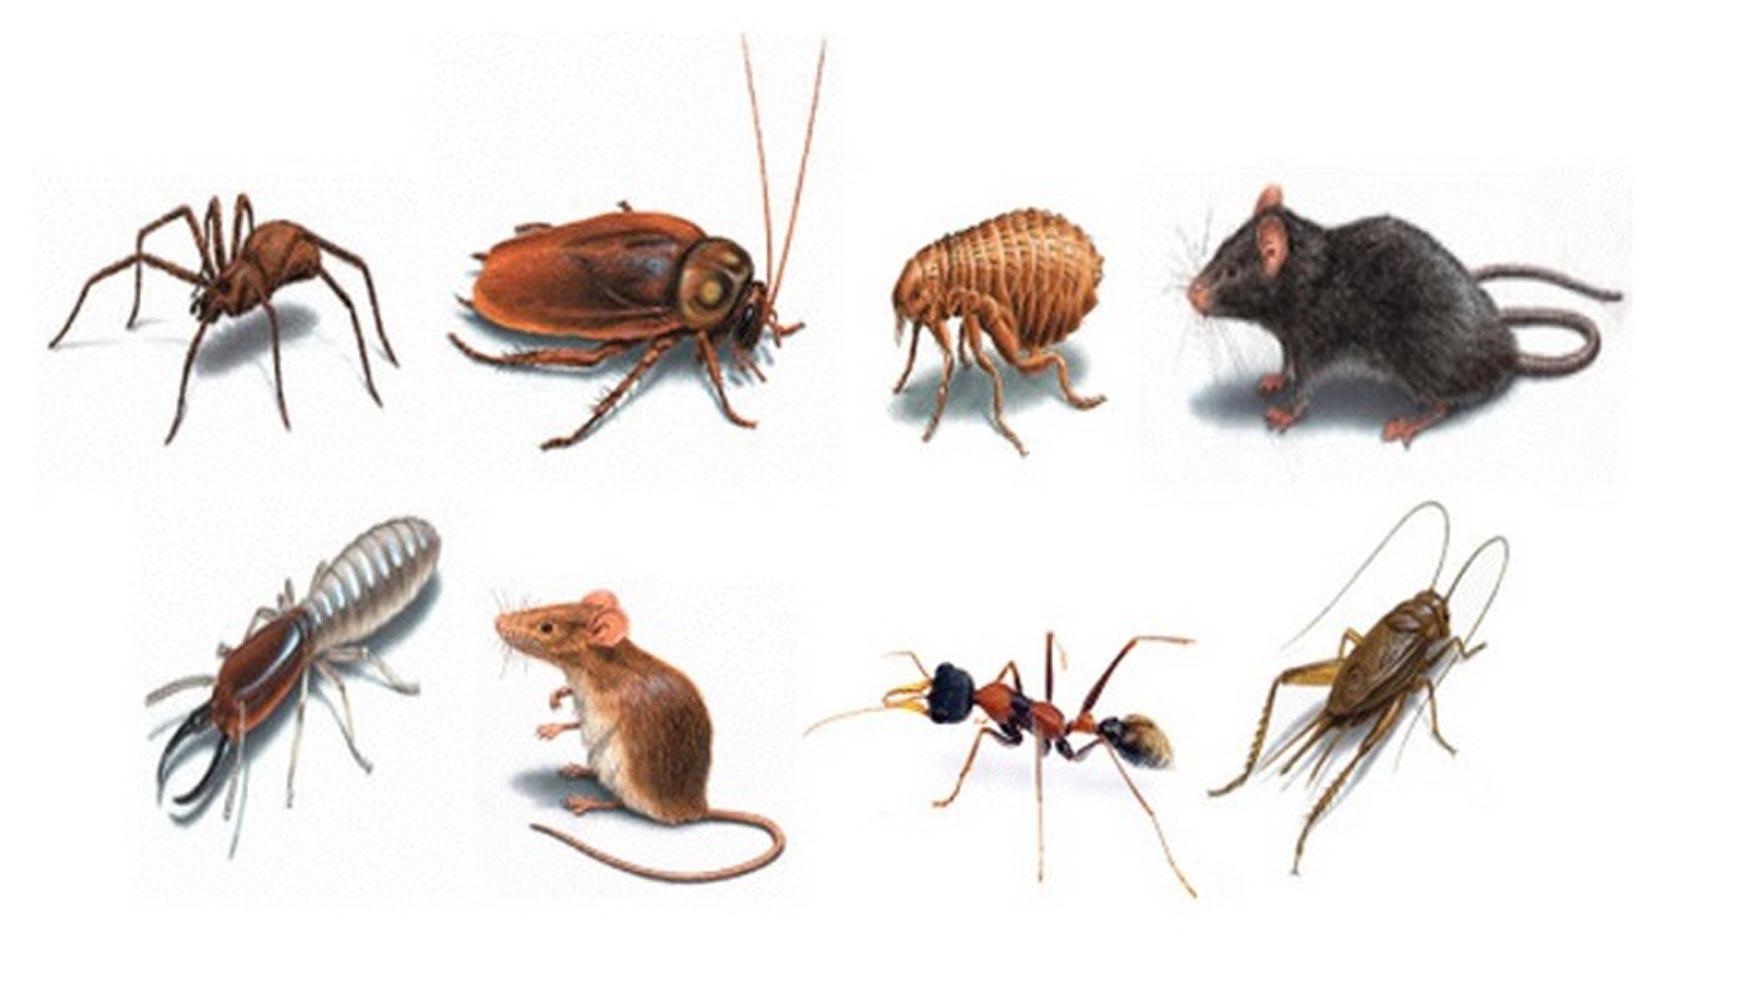 Eliminación de plagas: Recurra a los expertos